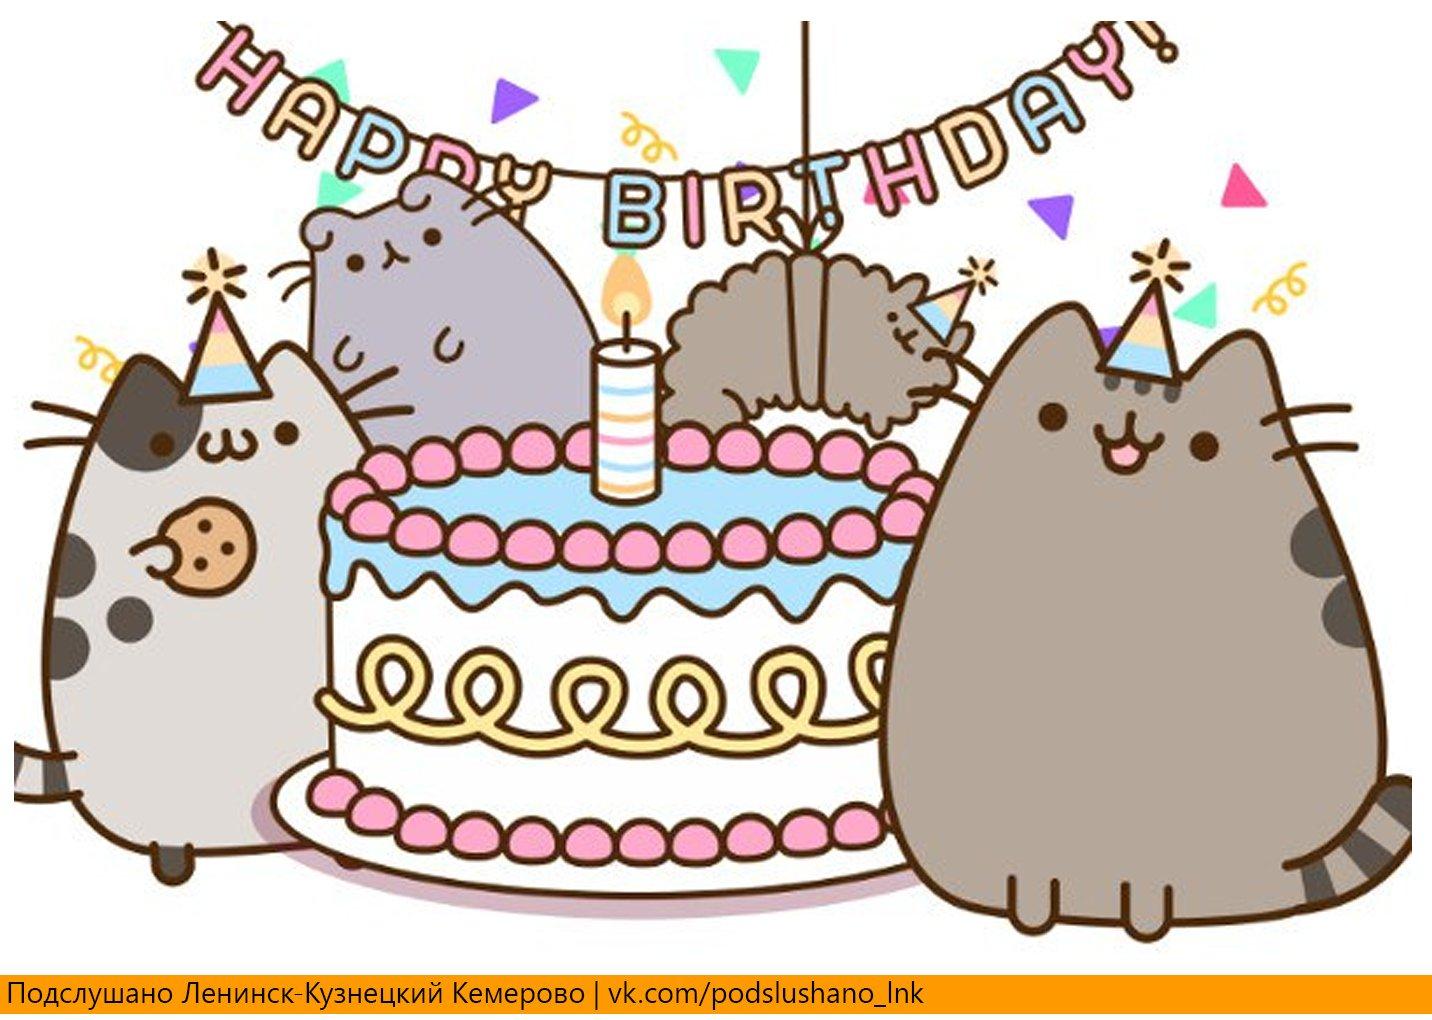 Прикольные рисунки, открытки с кошками с днем рождения на английском языке